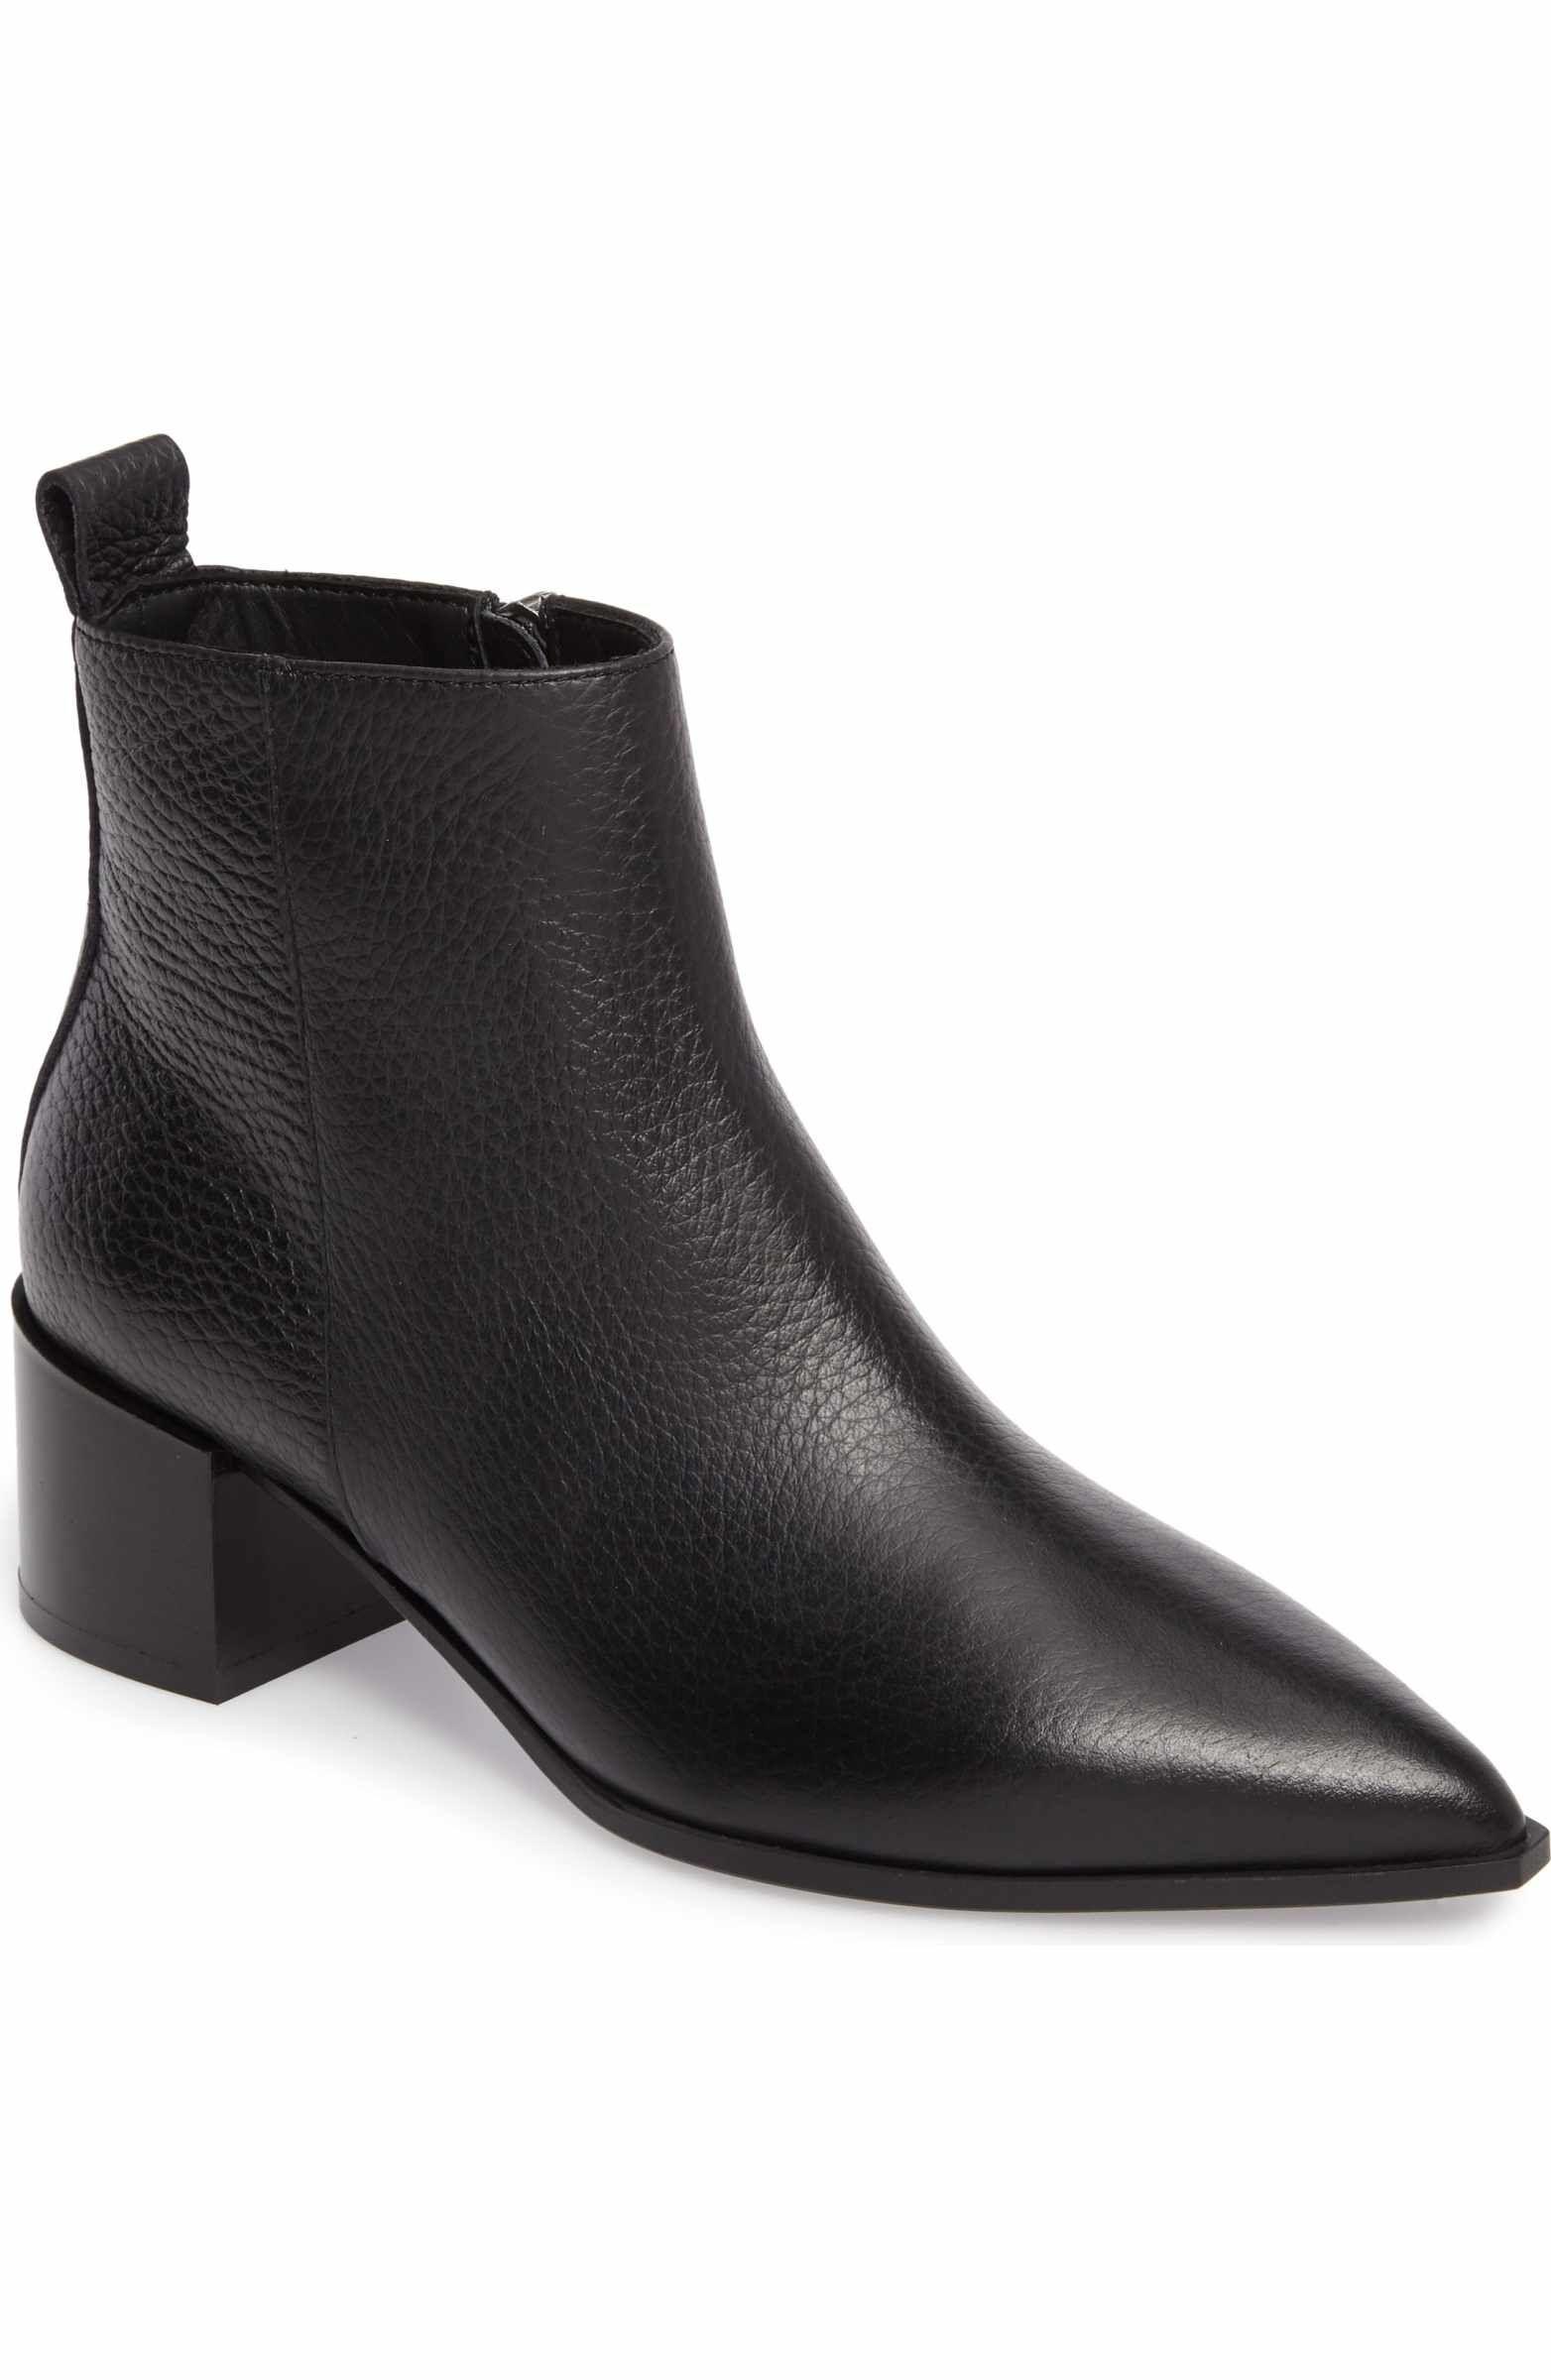 Everlane The Boss Boot (Women)   Boots